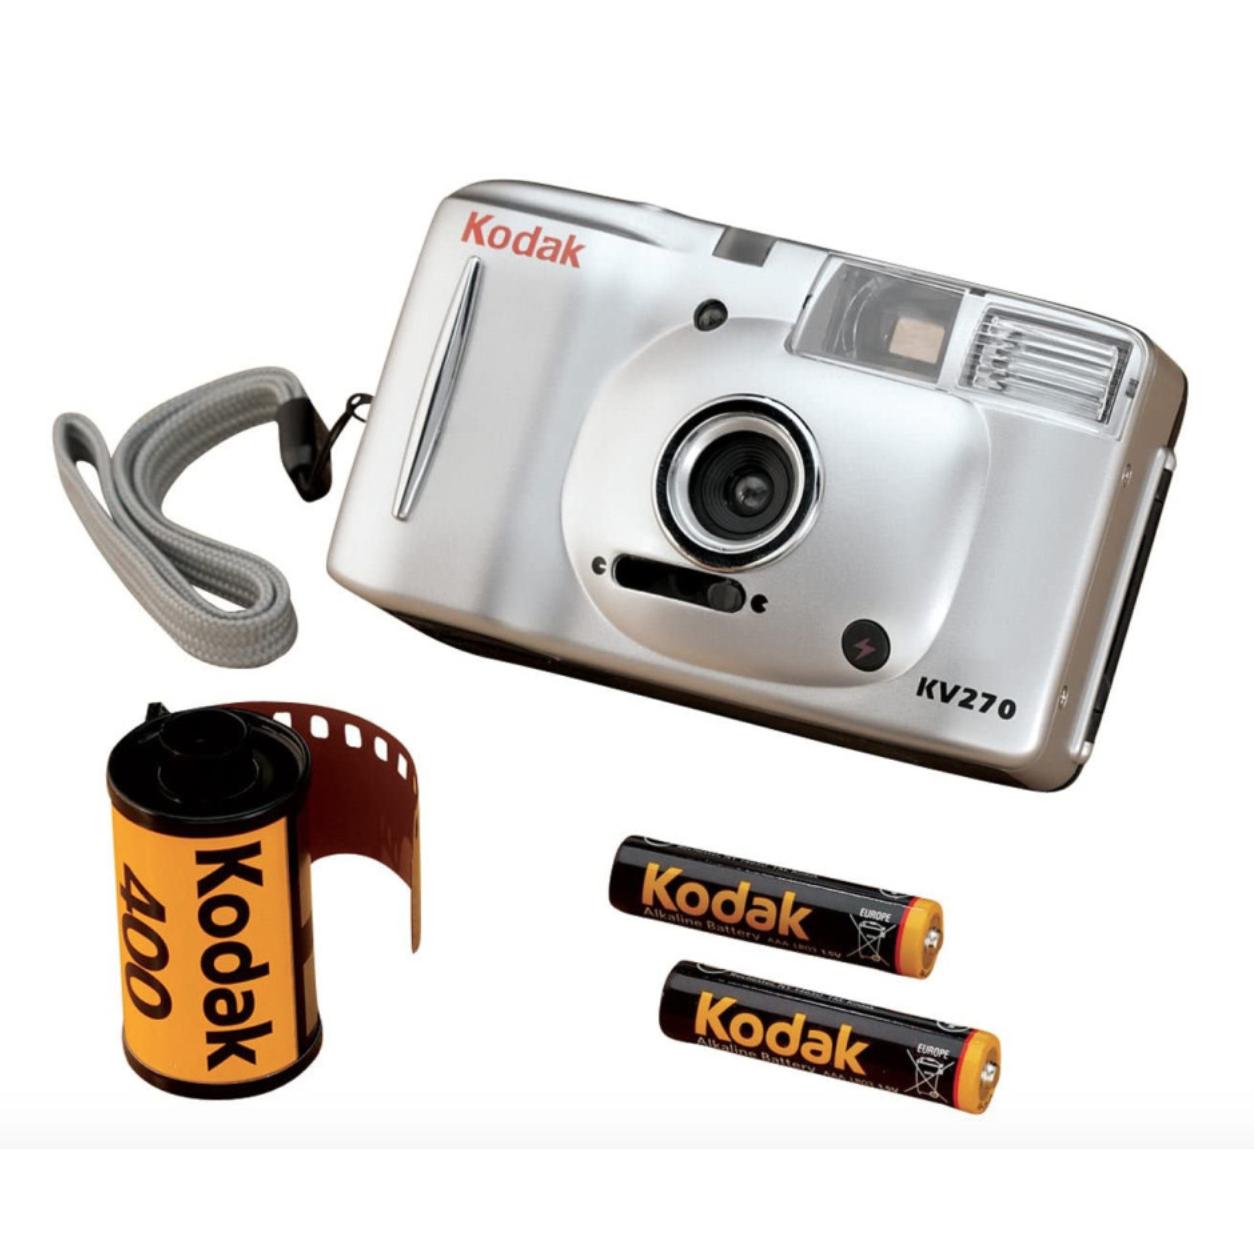 (미개봉 새제품) KODAK KV-270 코닥 KV270 입문용필카 필름카메라 자동필름카메라 필카추천